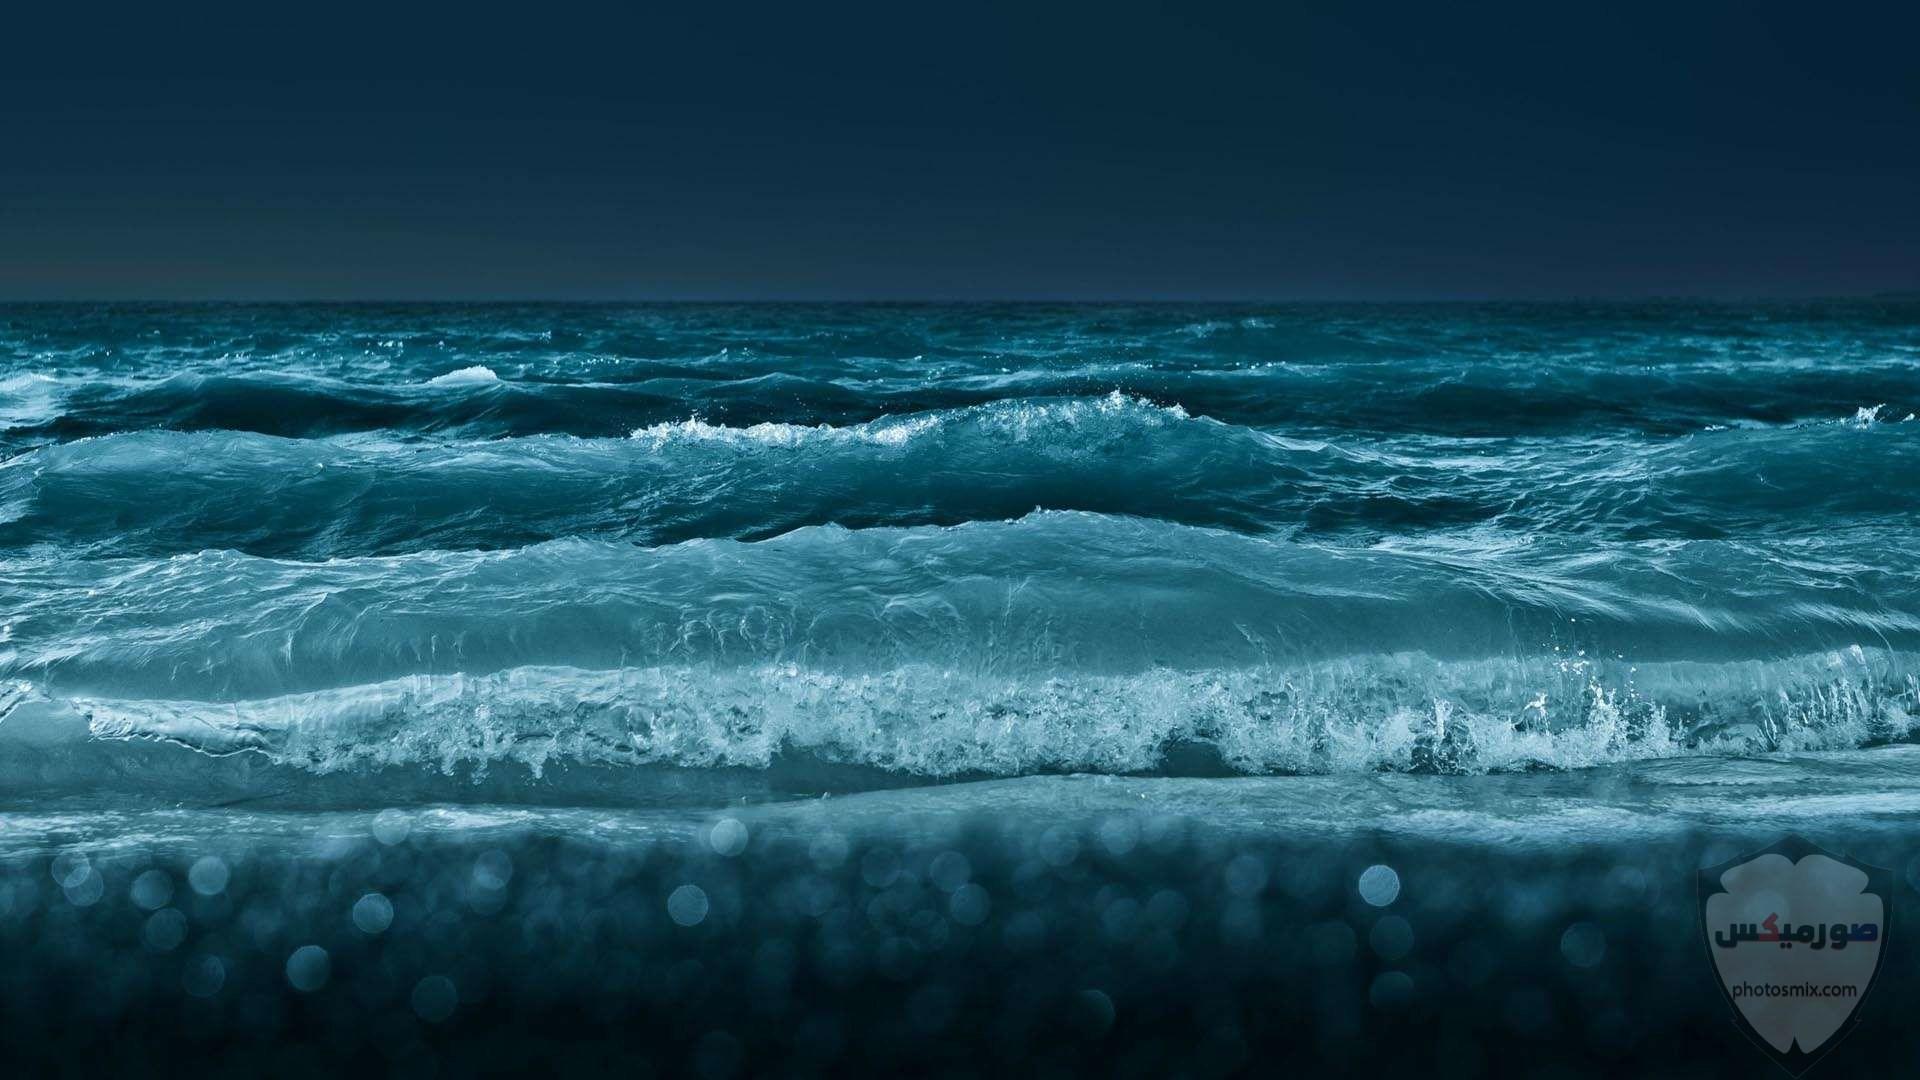 صور البحر 2020 خلفيات بحر وسفن للفوتوشوب 8